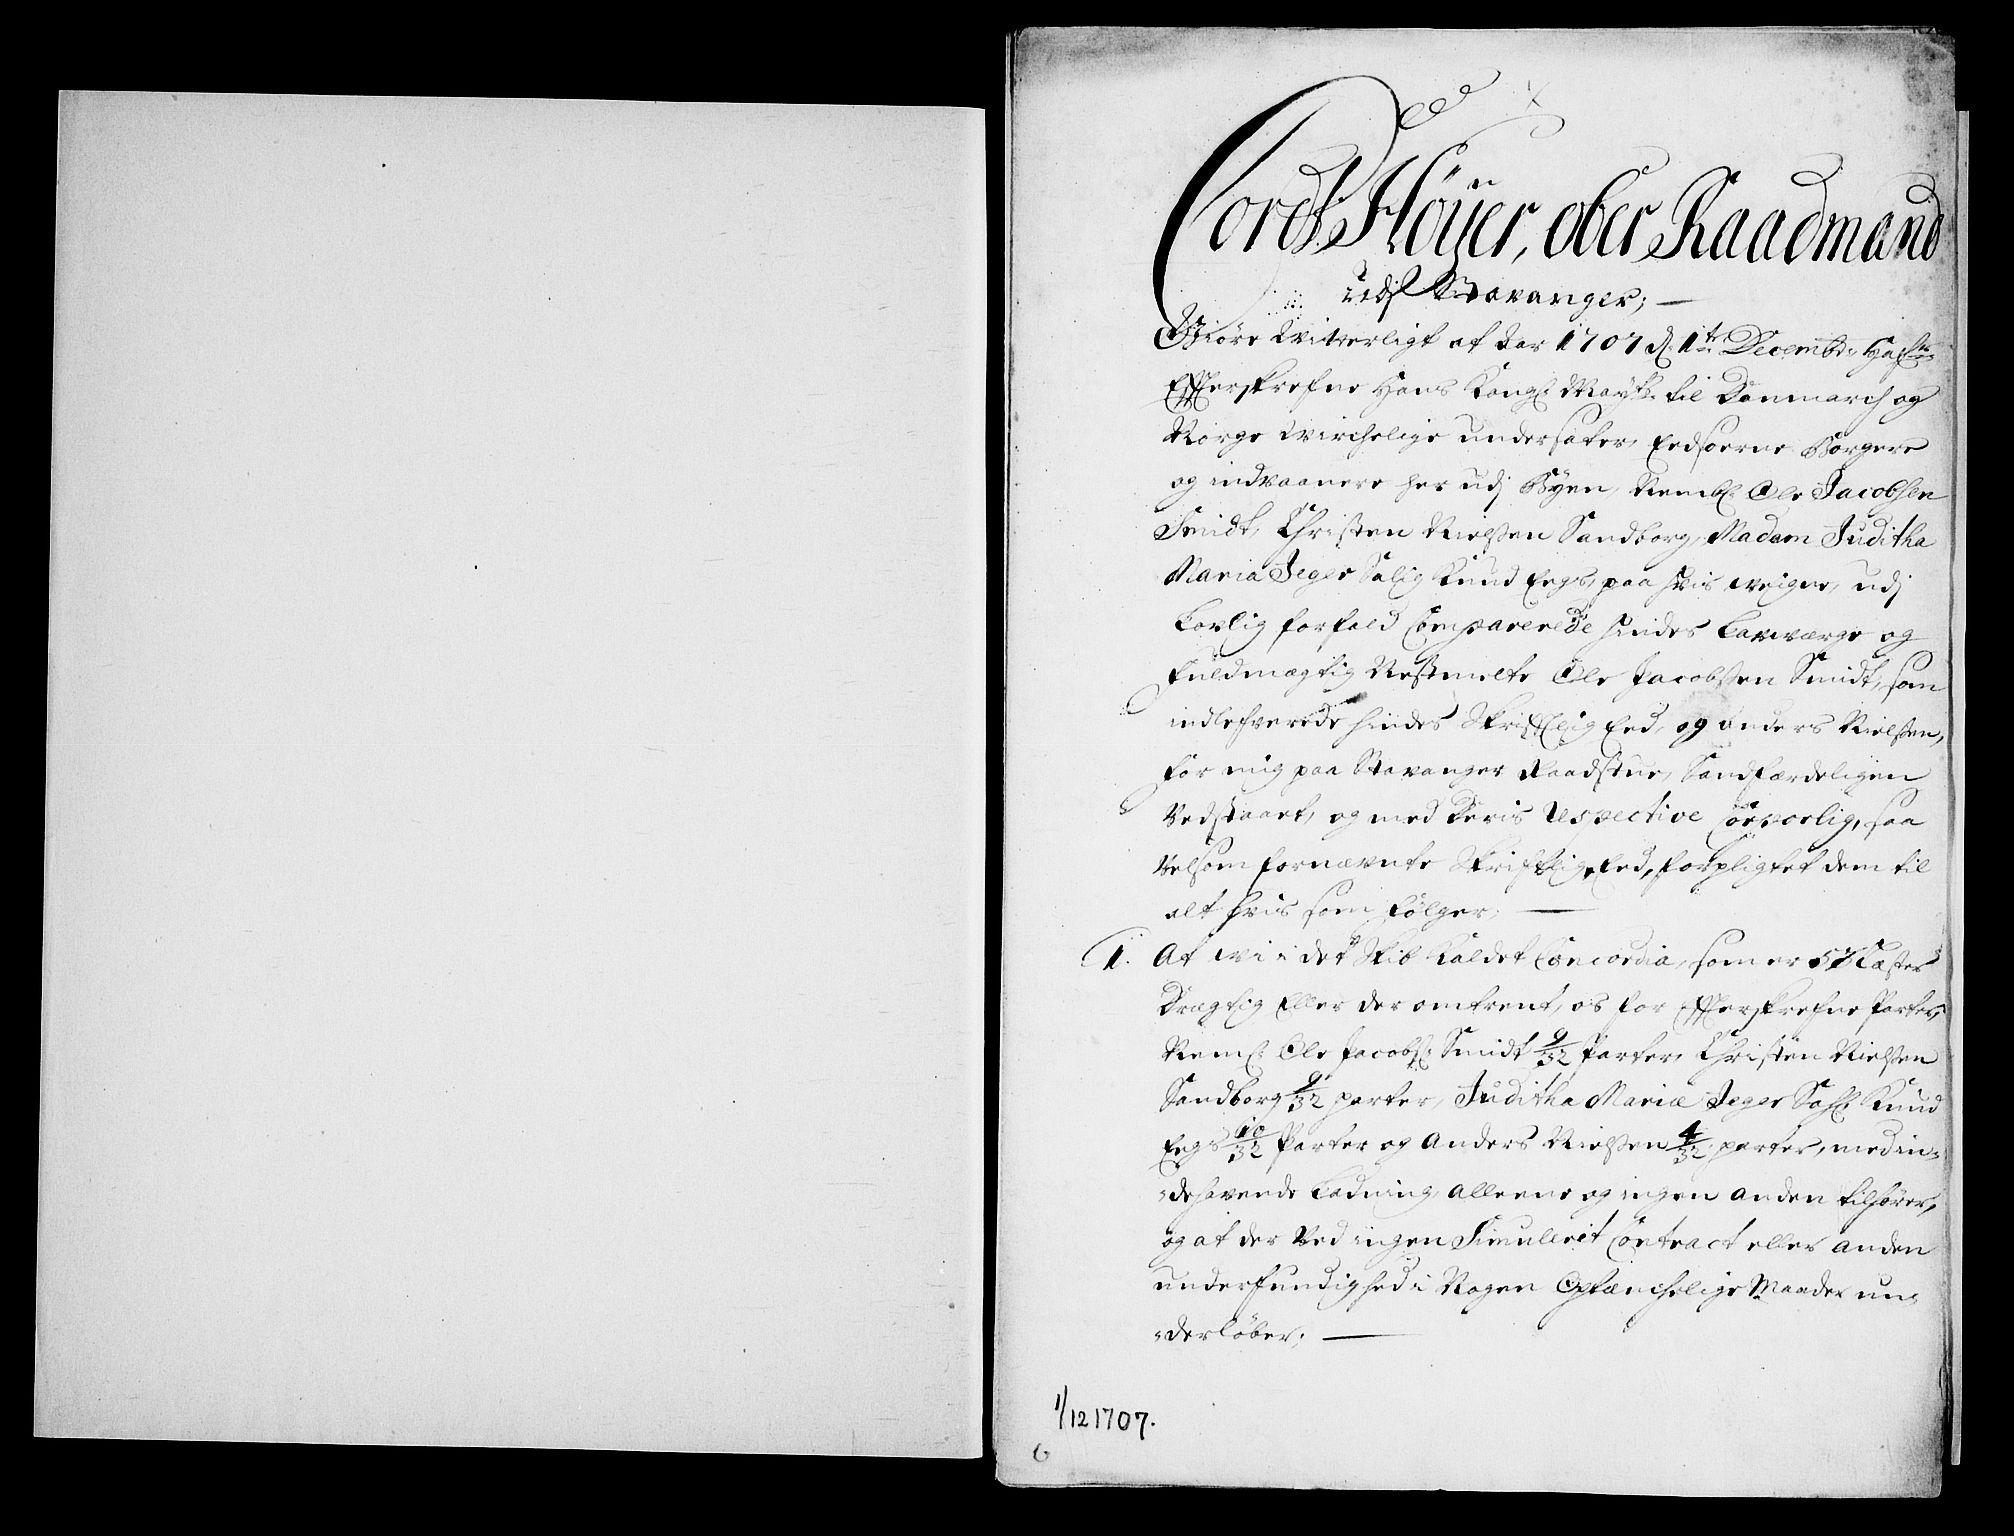 RA, Danske Kanselli, Skapsaker, G/L0019: Tillegg til skapsakene, 1616-1753, s. 345